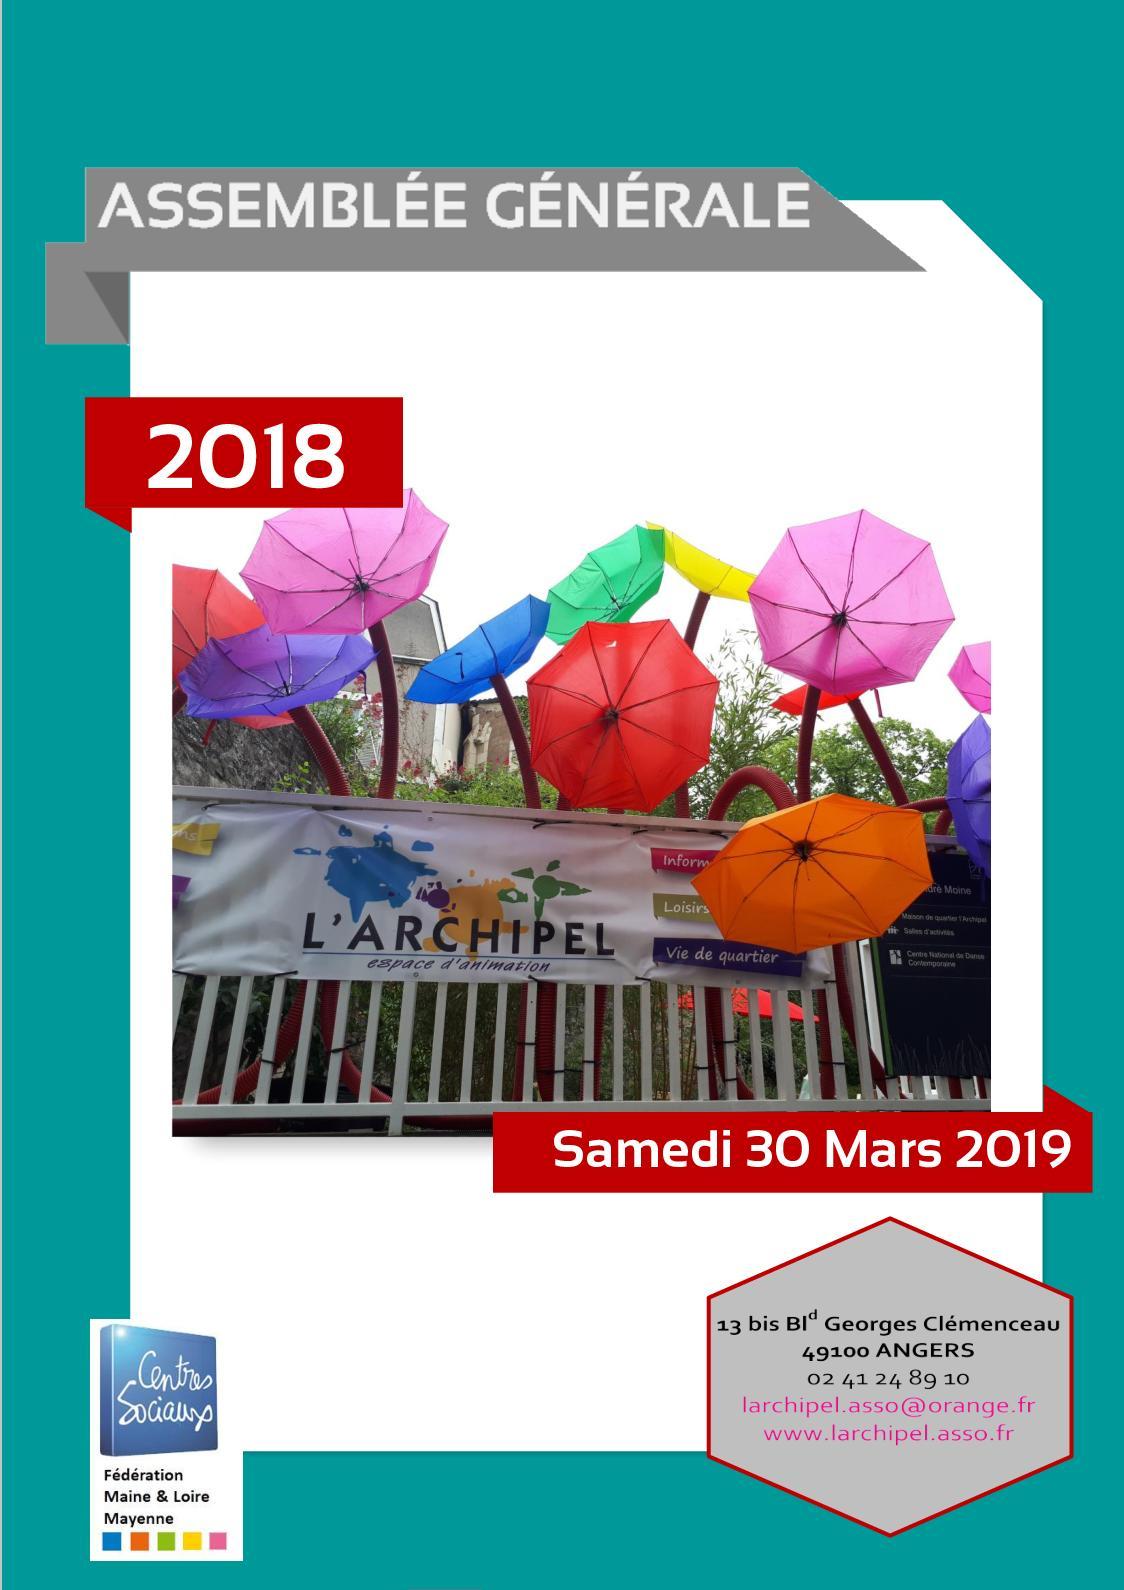 L'archipel Ag 30 Mars 2019